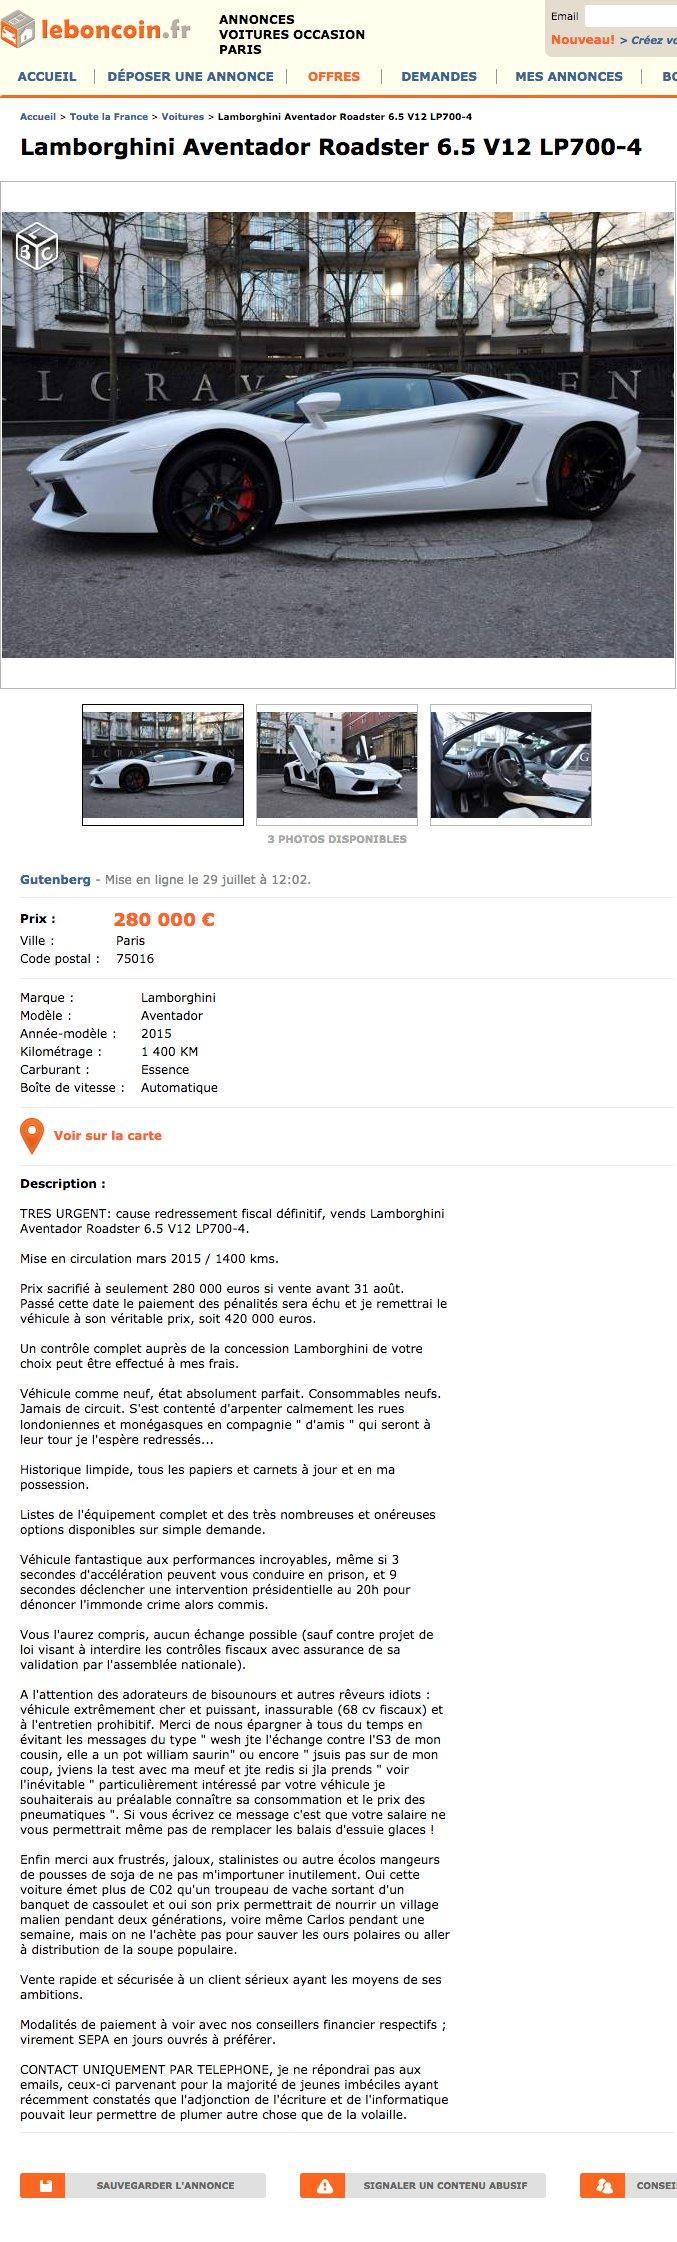 Il vend sa Lamborghini sur Le Bon Coin, sous prétexte d'être victime d'un redressement fiscal !